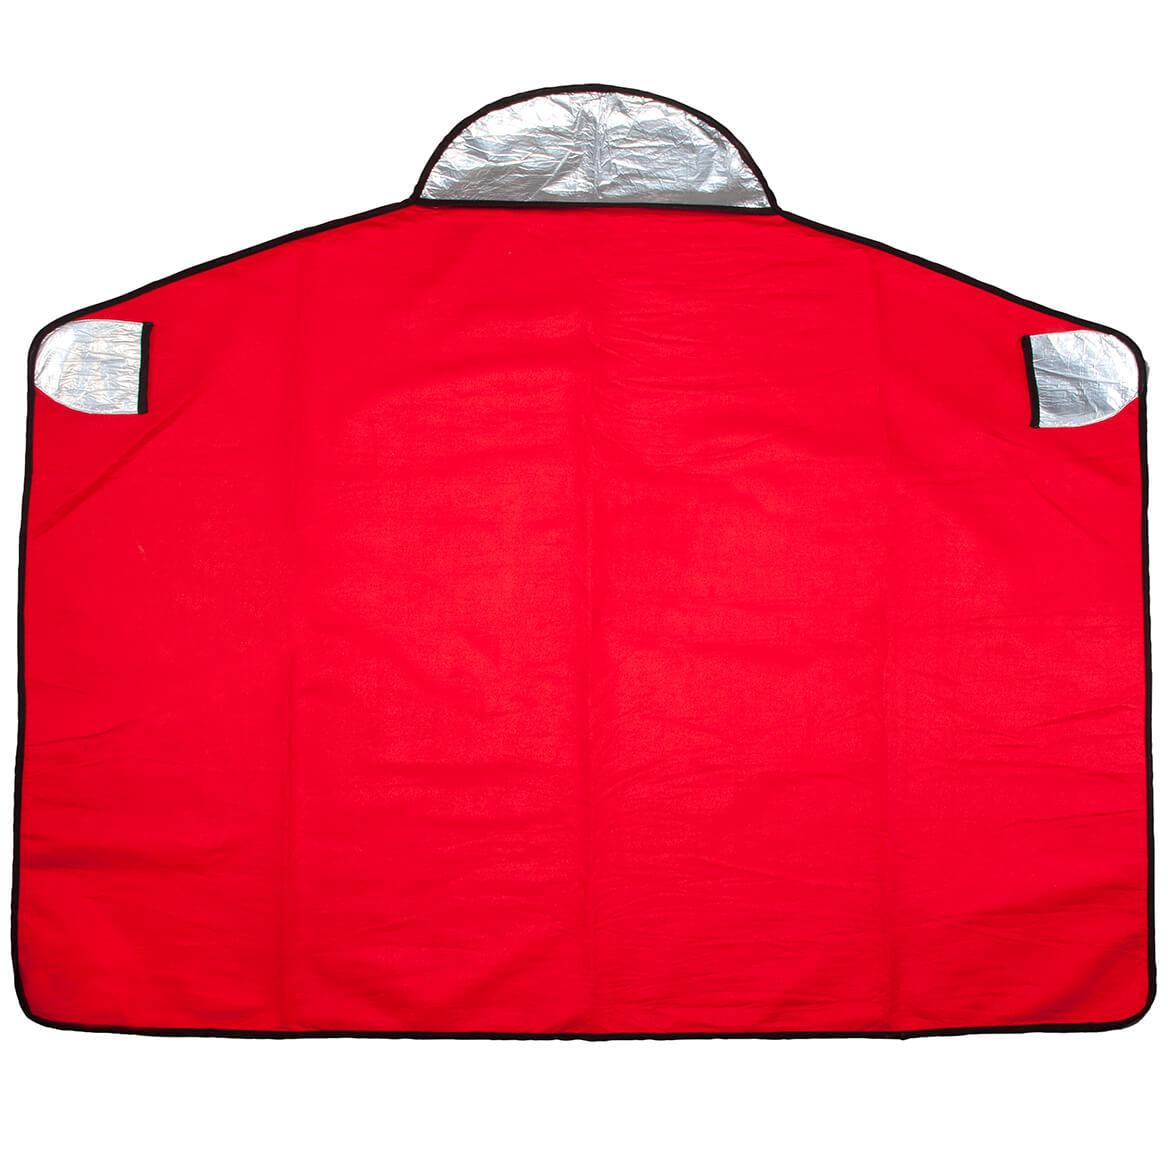 Hooded Emergency Blanket by LivingSURE™-353264